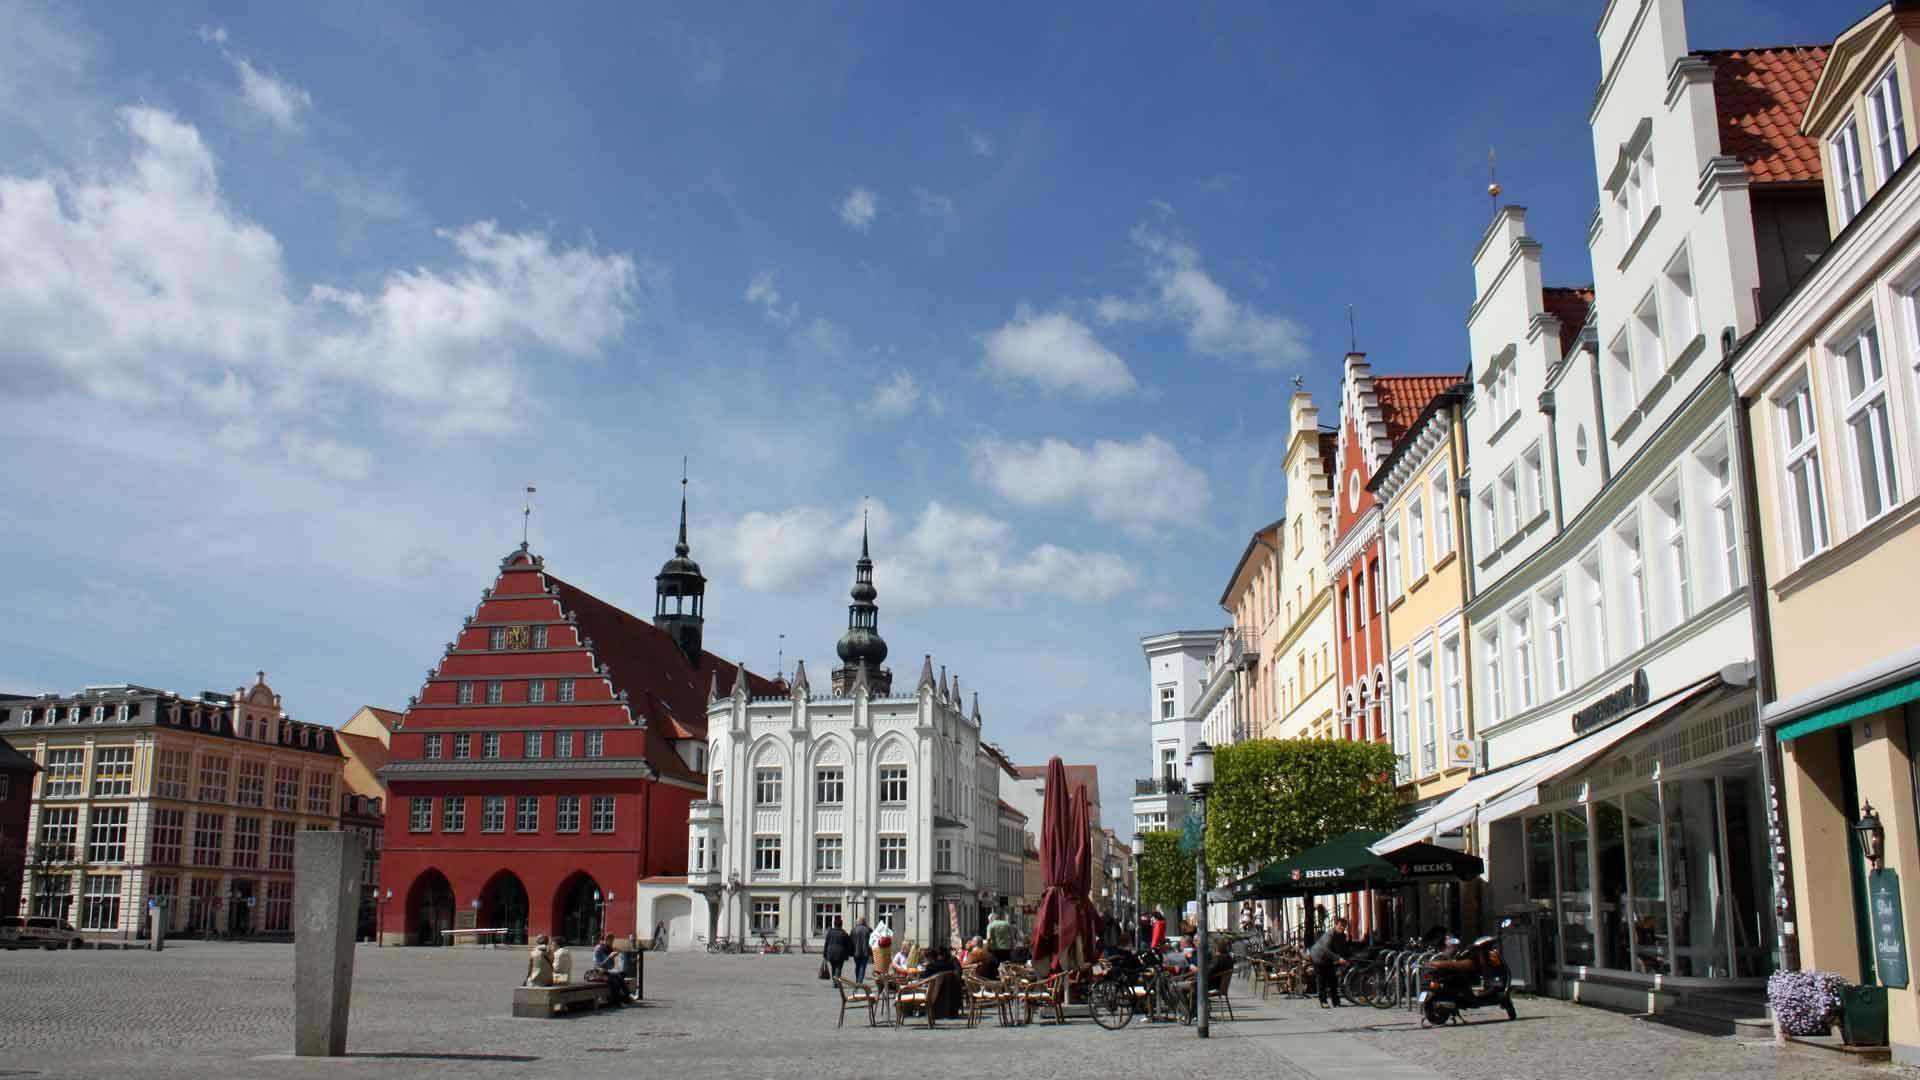 In het mooie plaatsje Greifswald draait alles om de beroemde schilder Caspar David Friedrich.